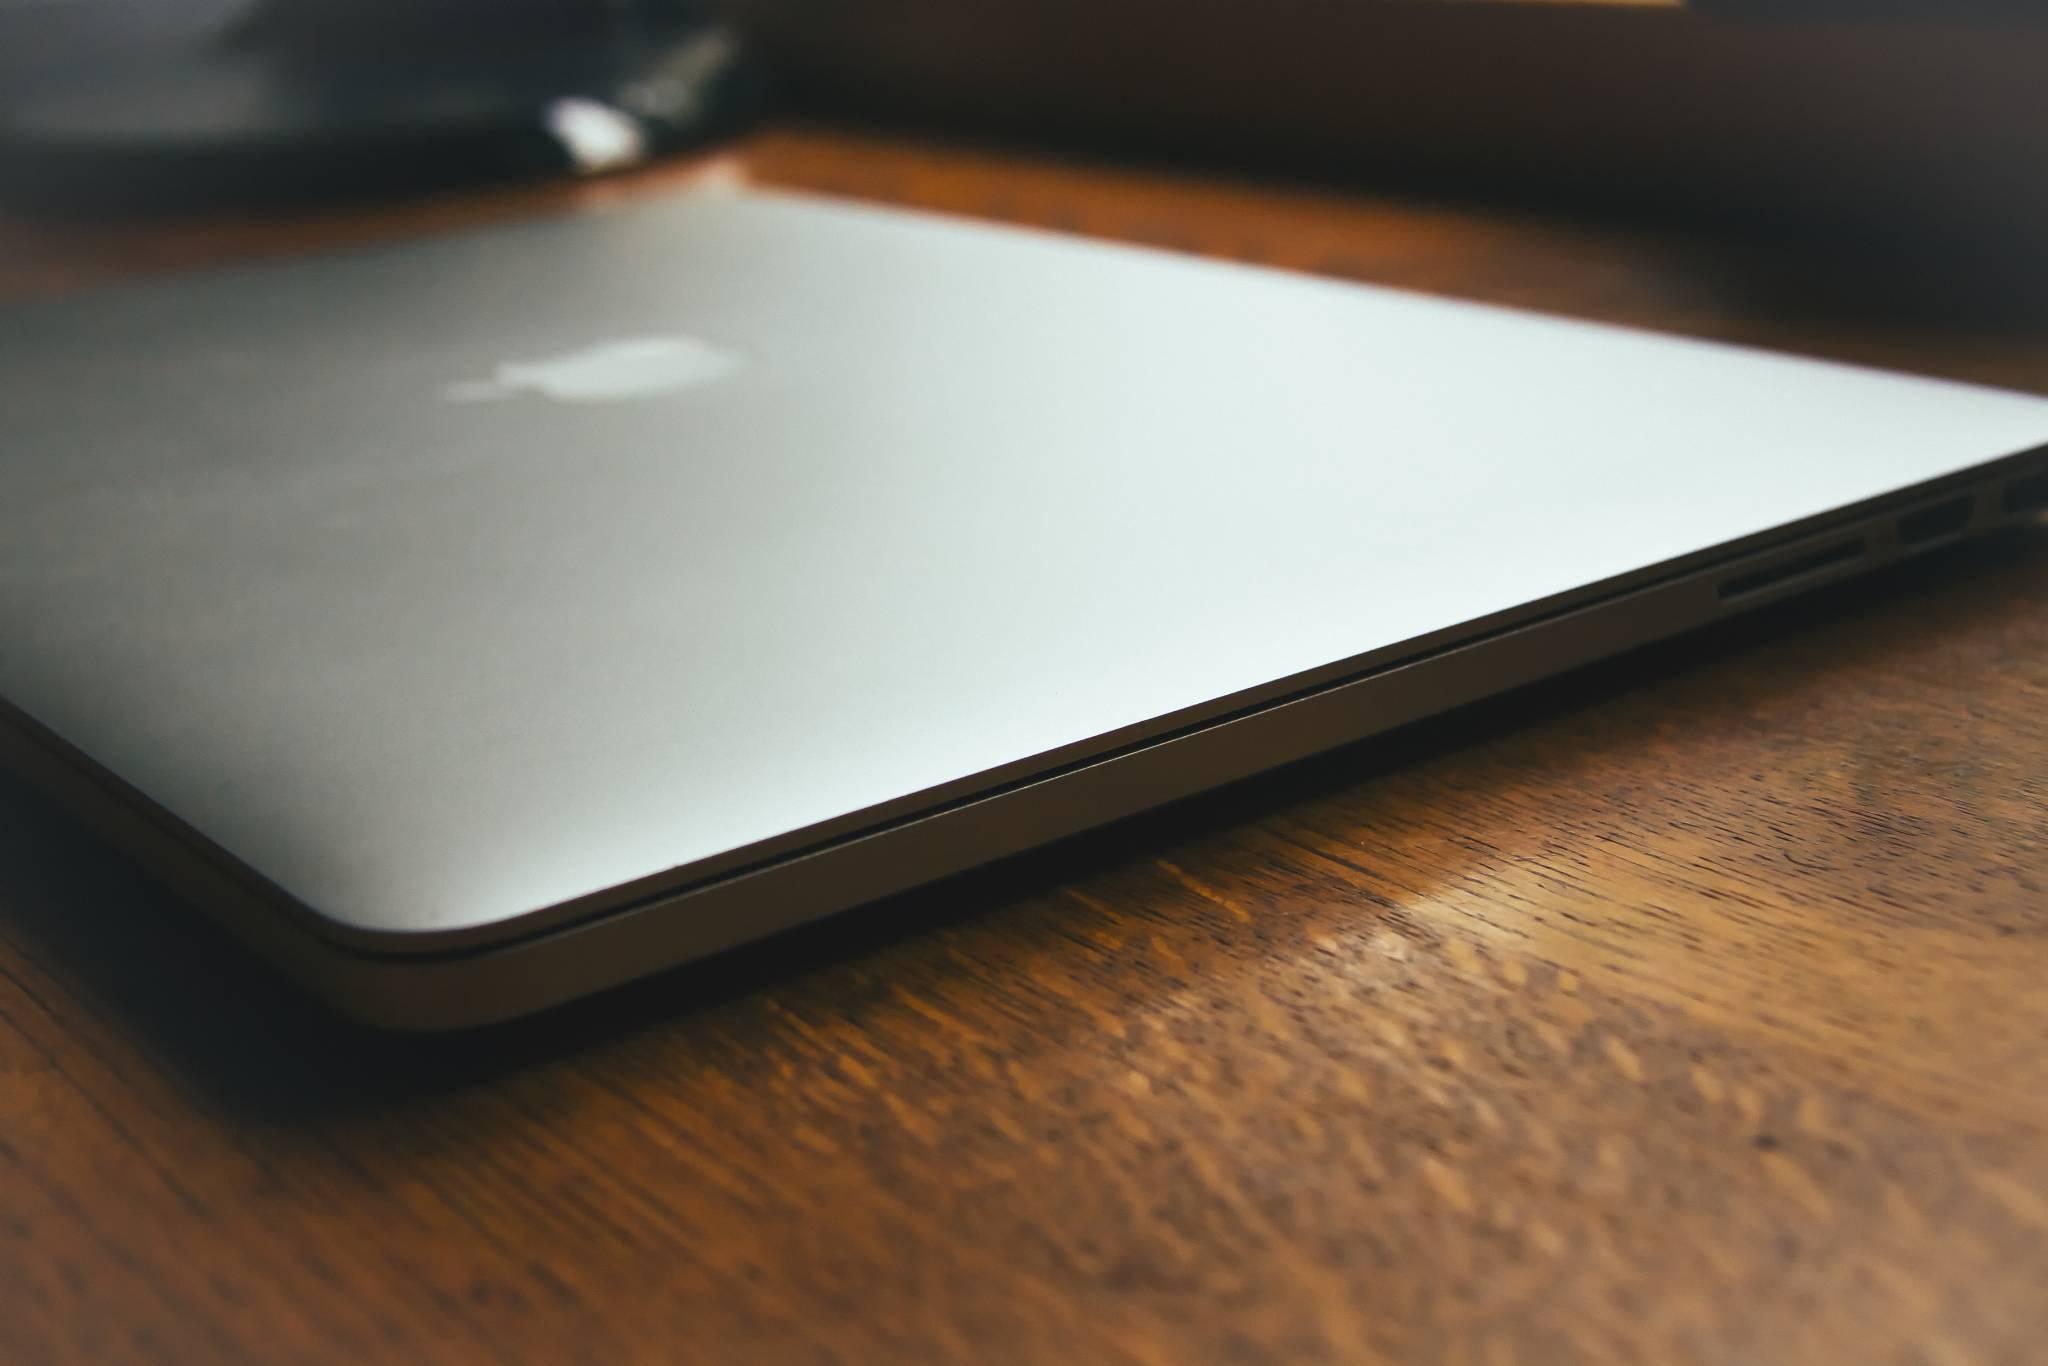 MacBook-BarnImages.com-1-1024x683@2x